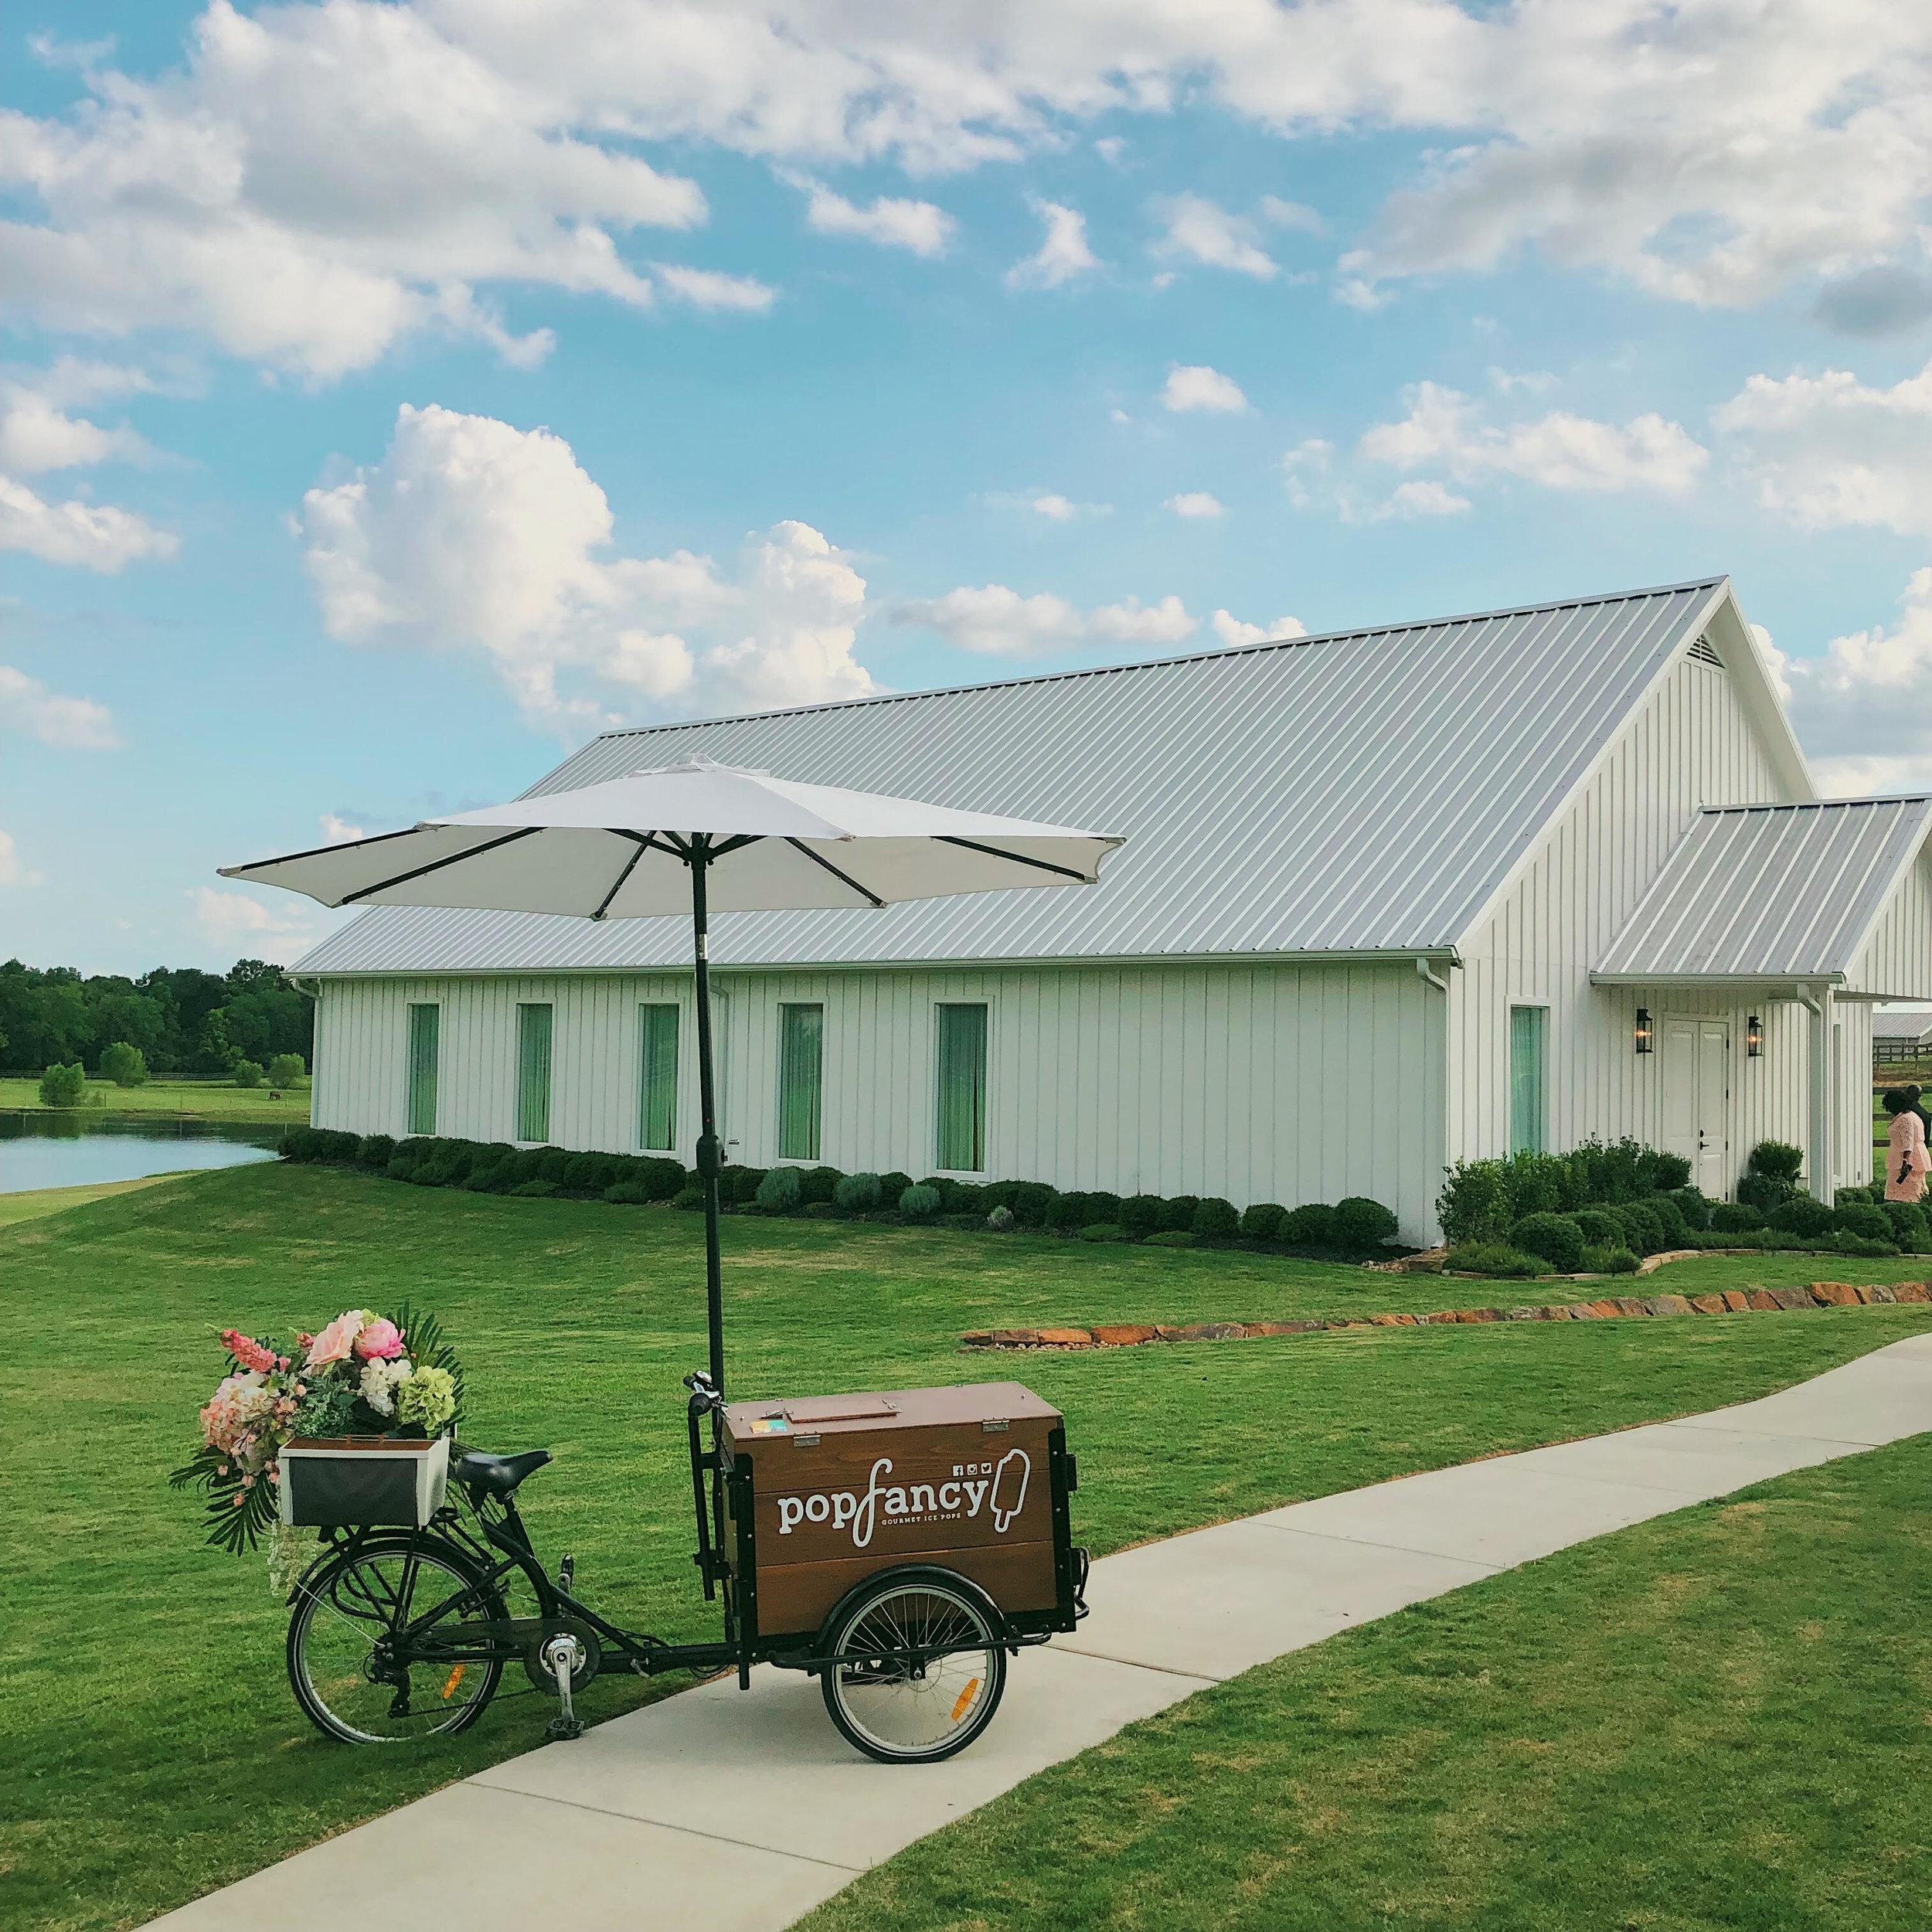 popfancy farm house wedding.jpg